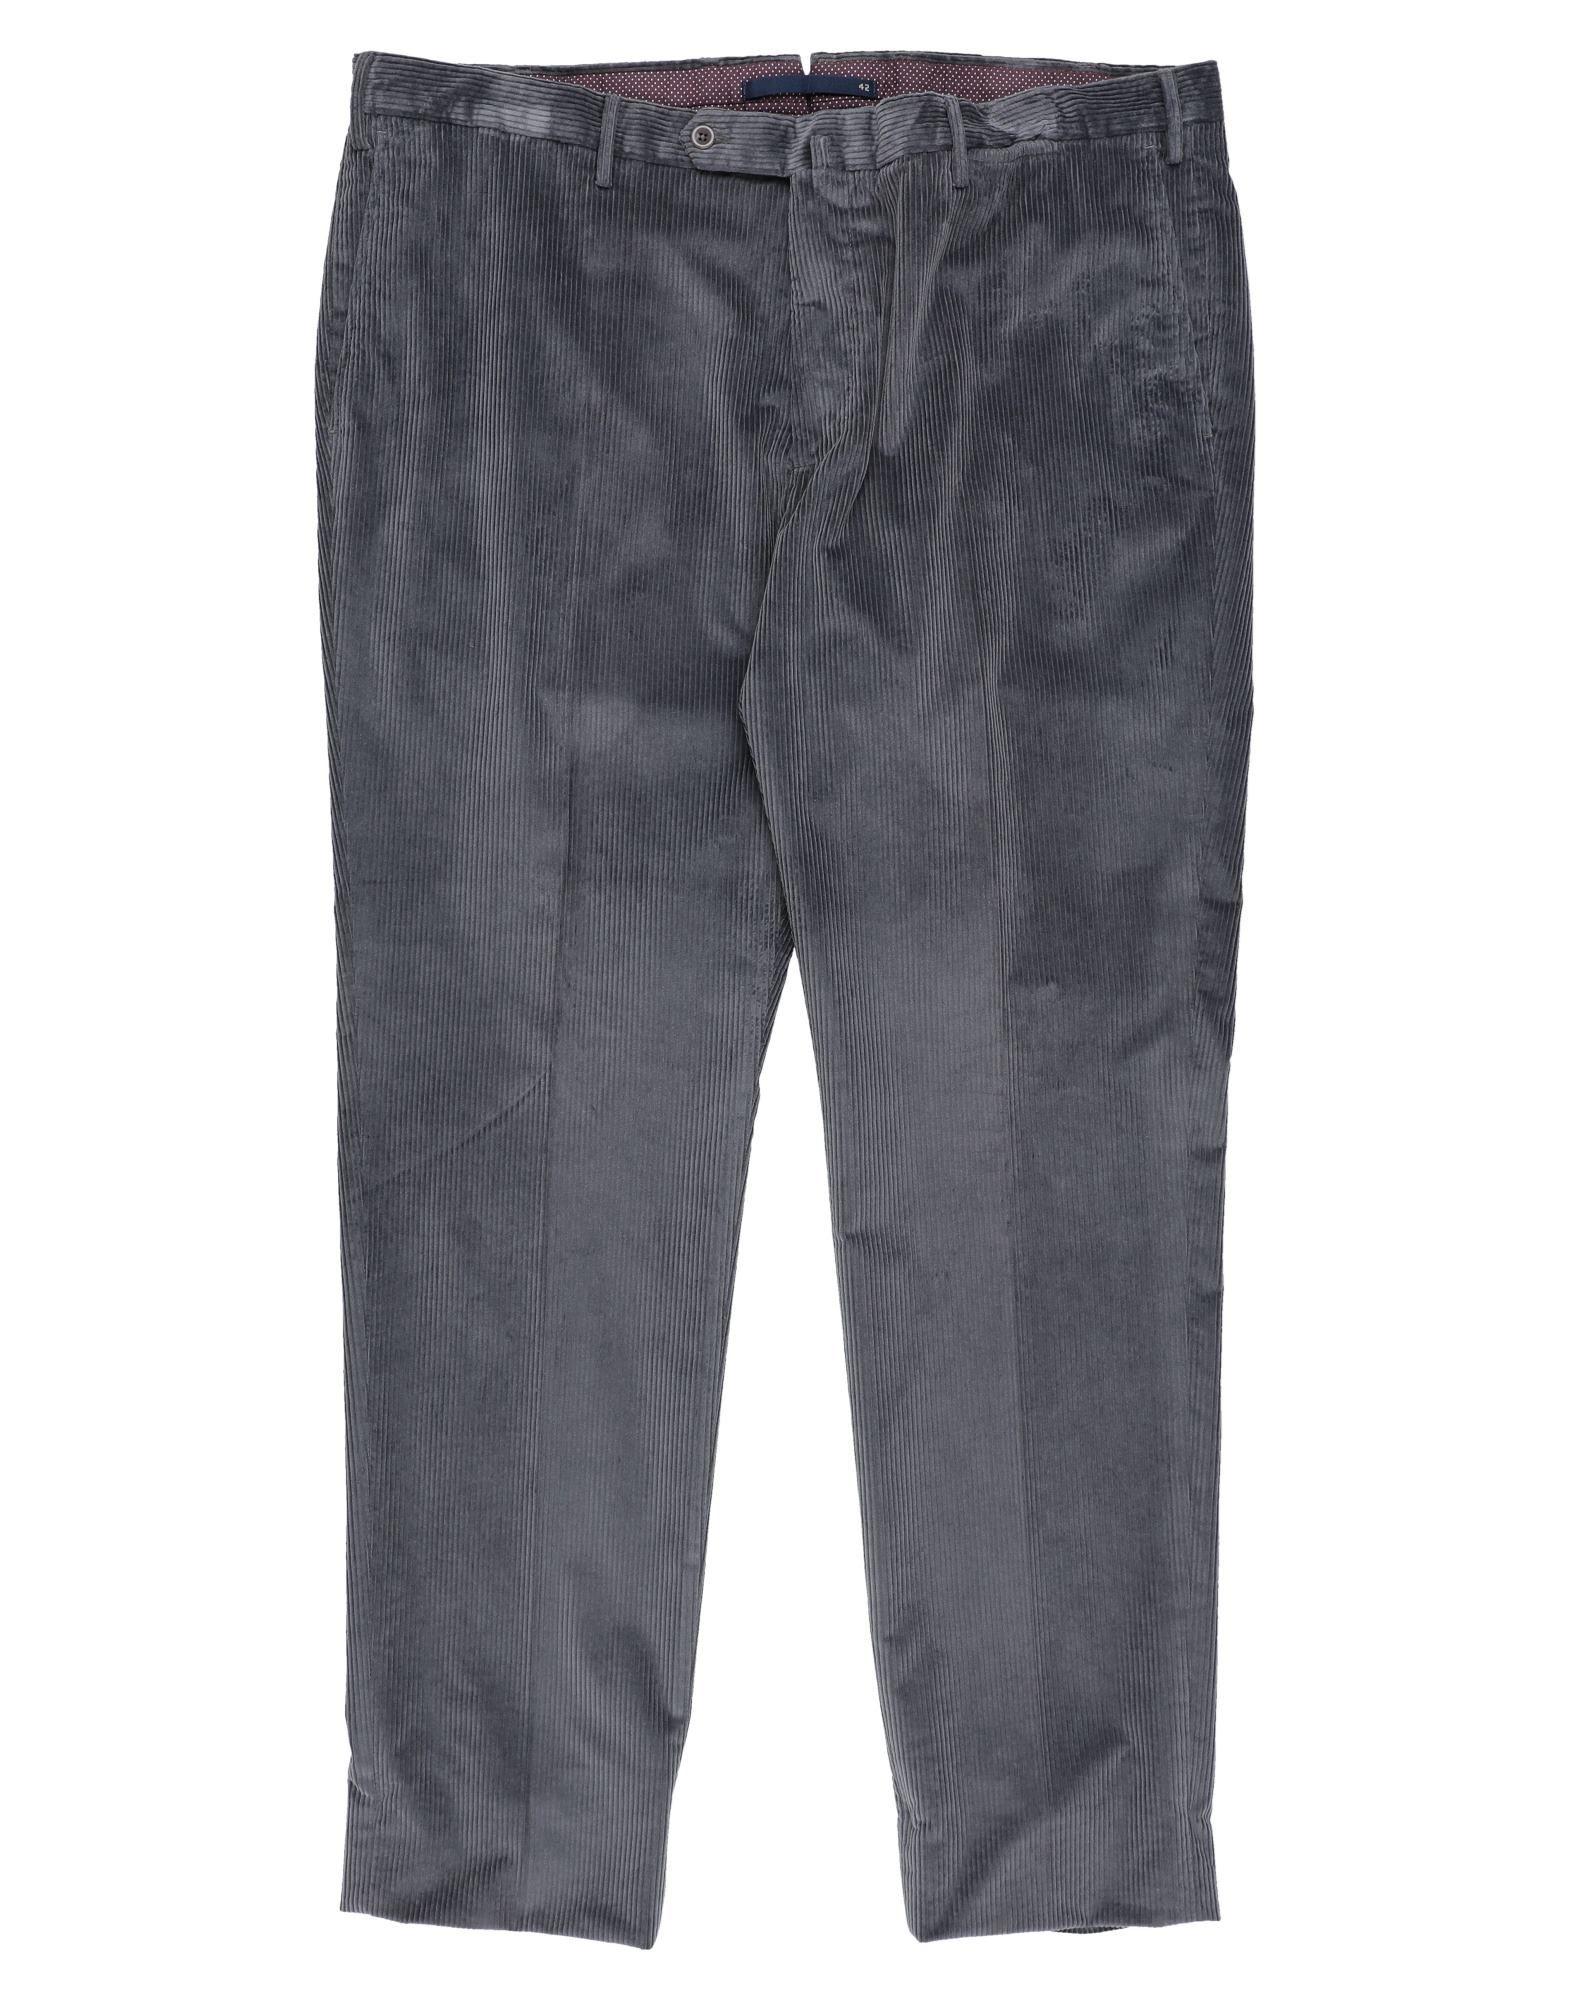 Фото - INCOTEX Повседневные брюки lumina повседневные брюки